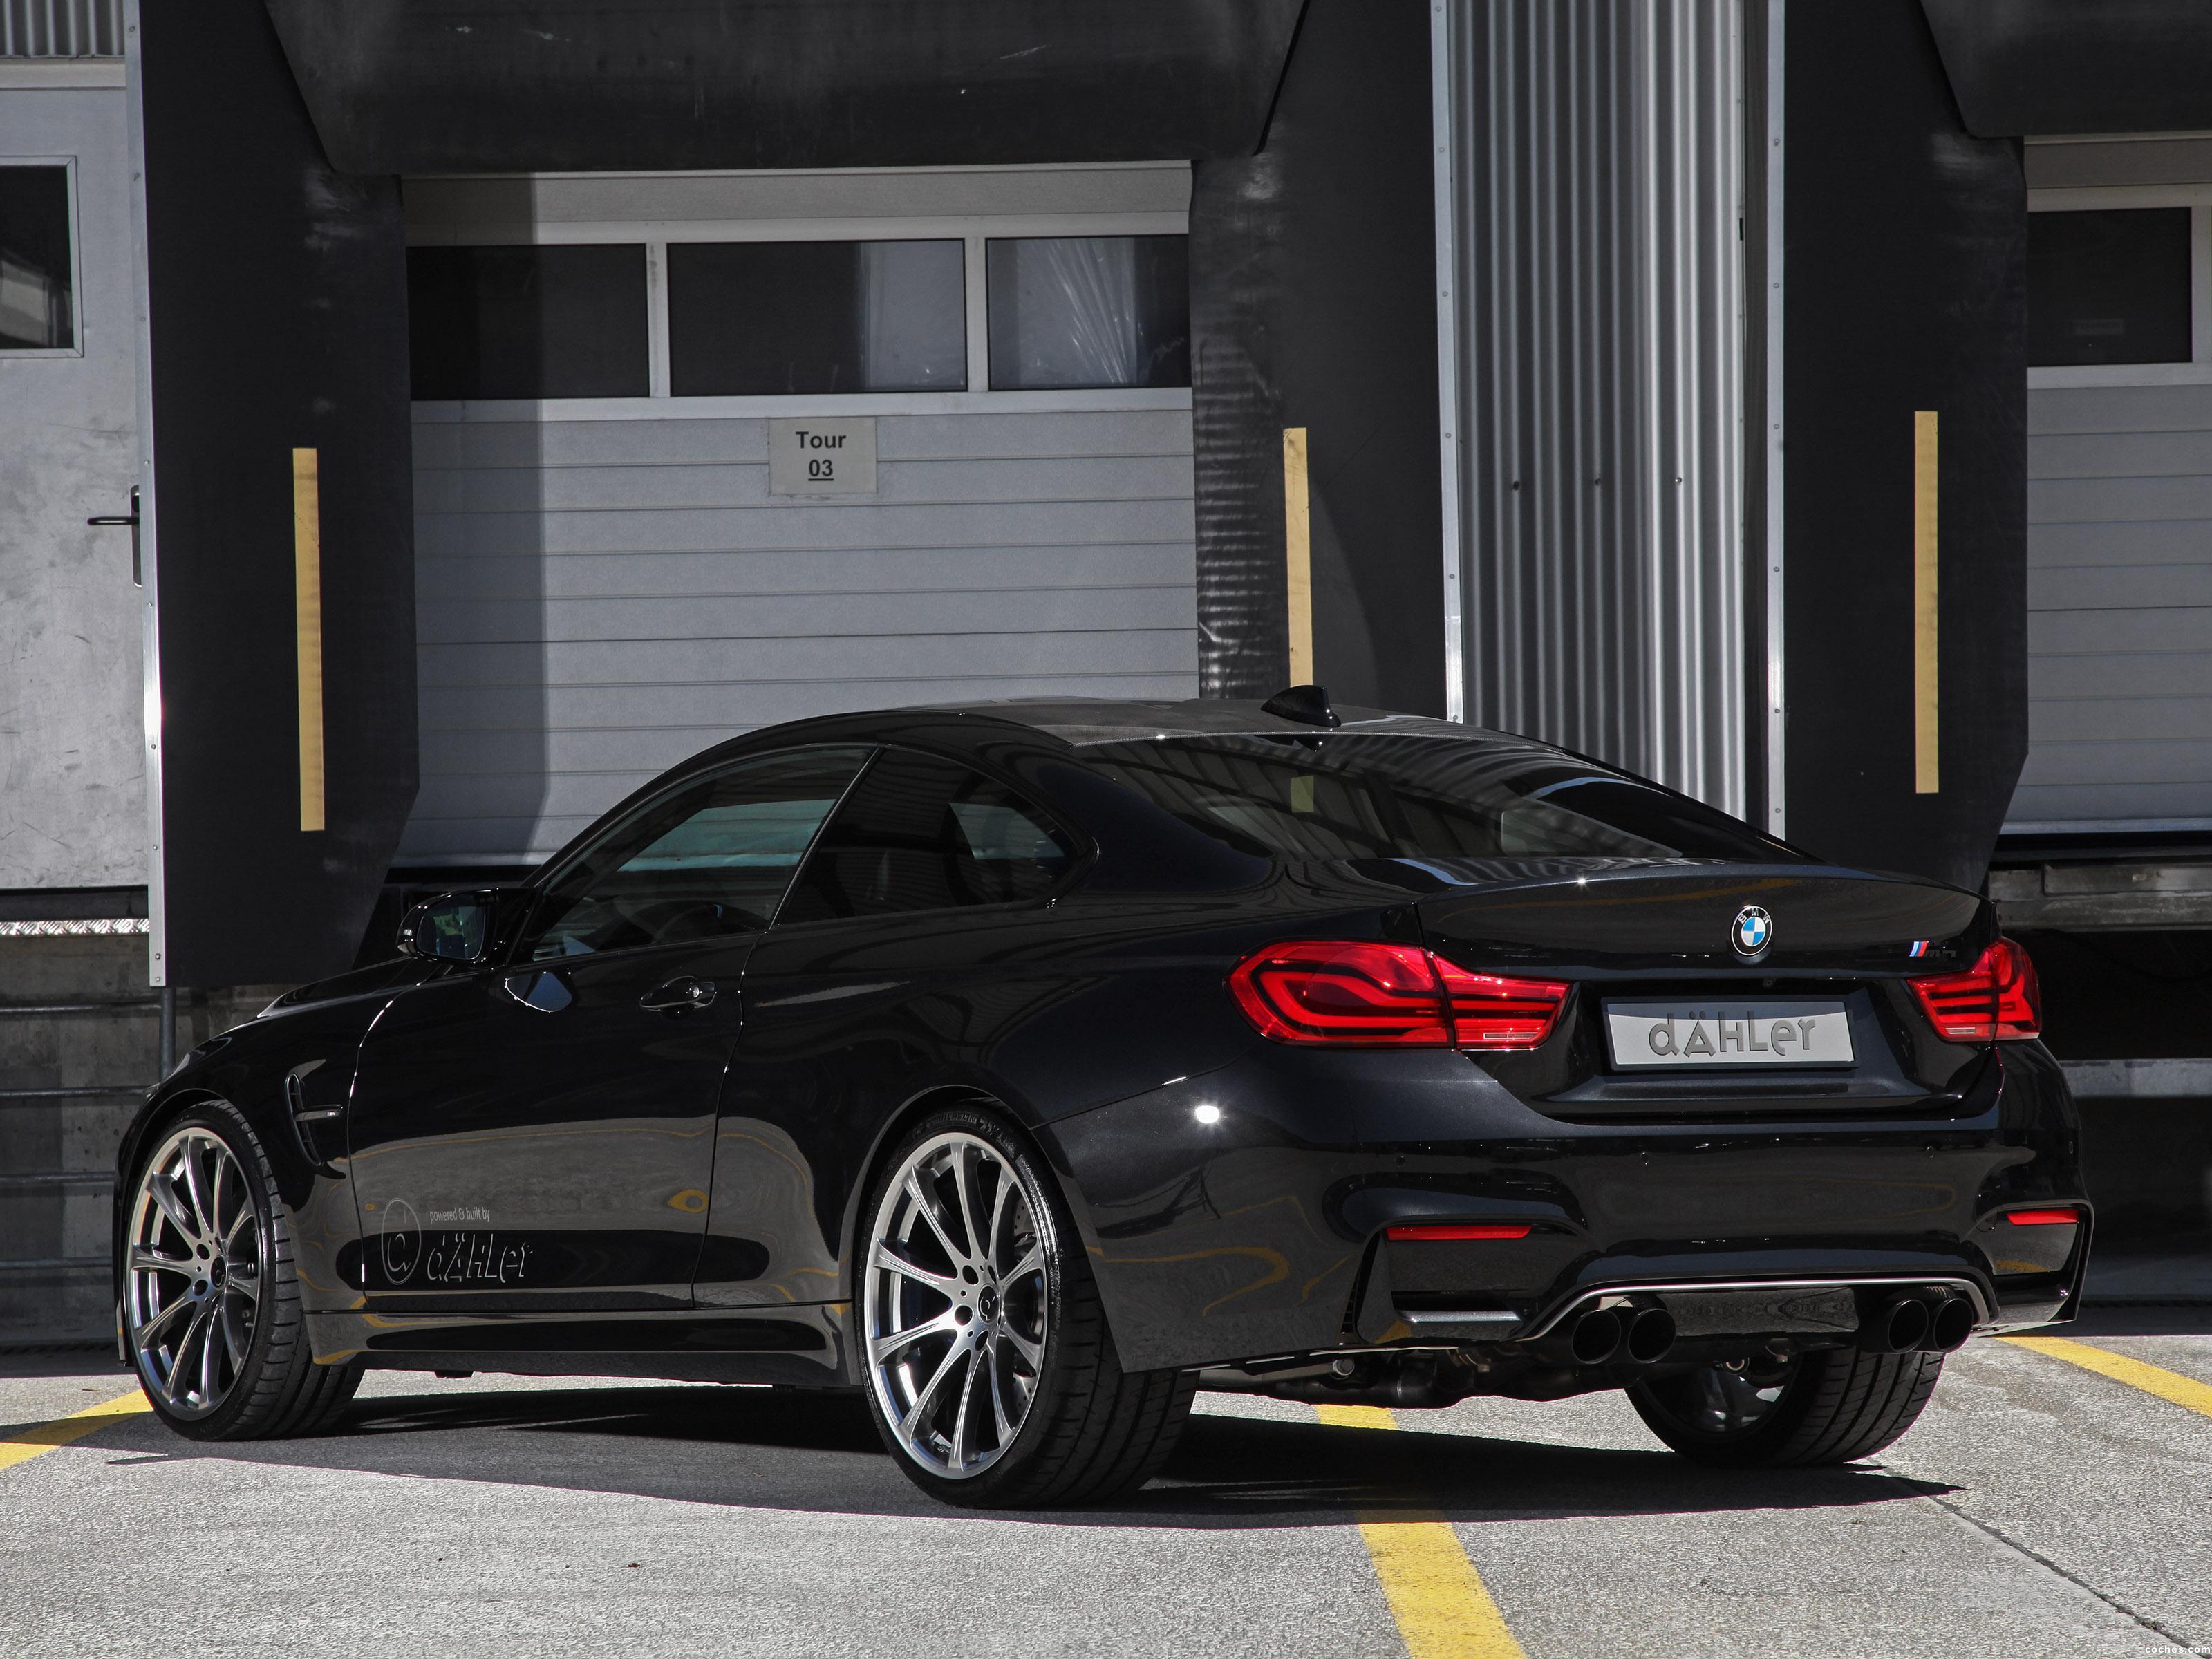 Foto 3 de Dahler BMW M4 Coupe Competition Package F82 2017